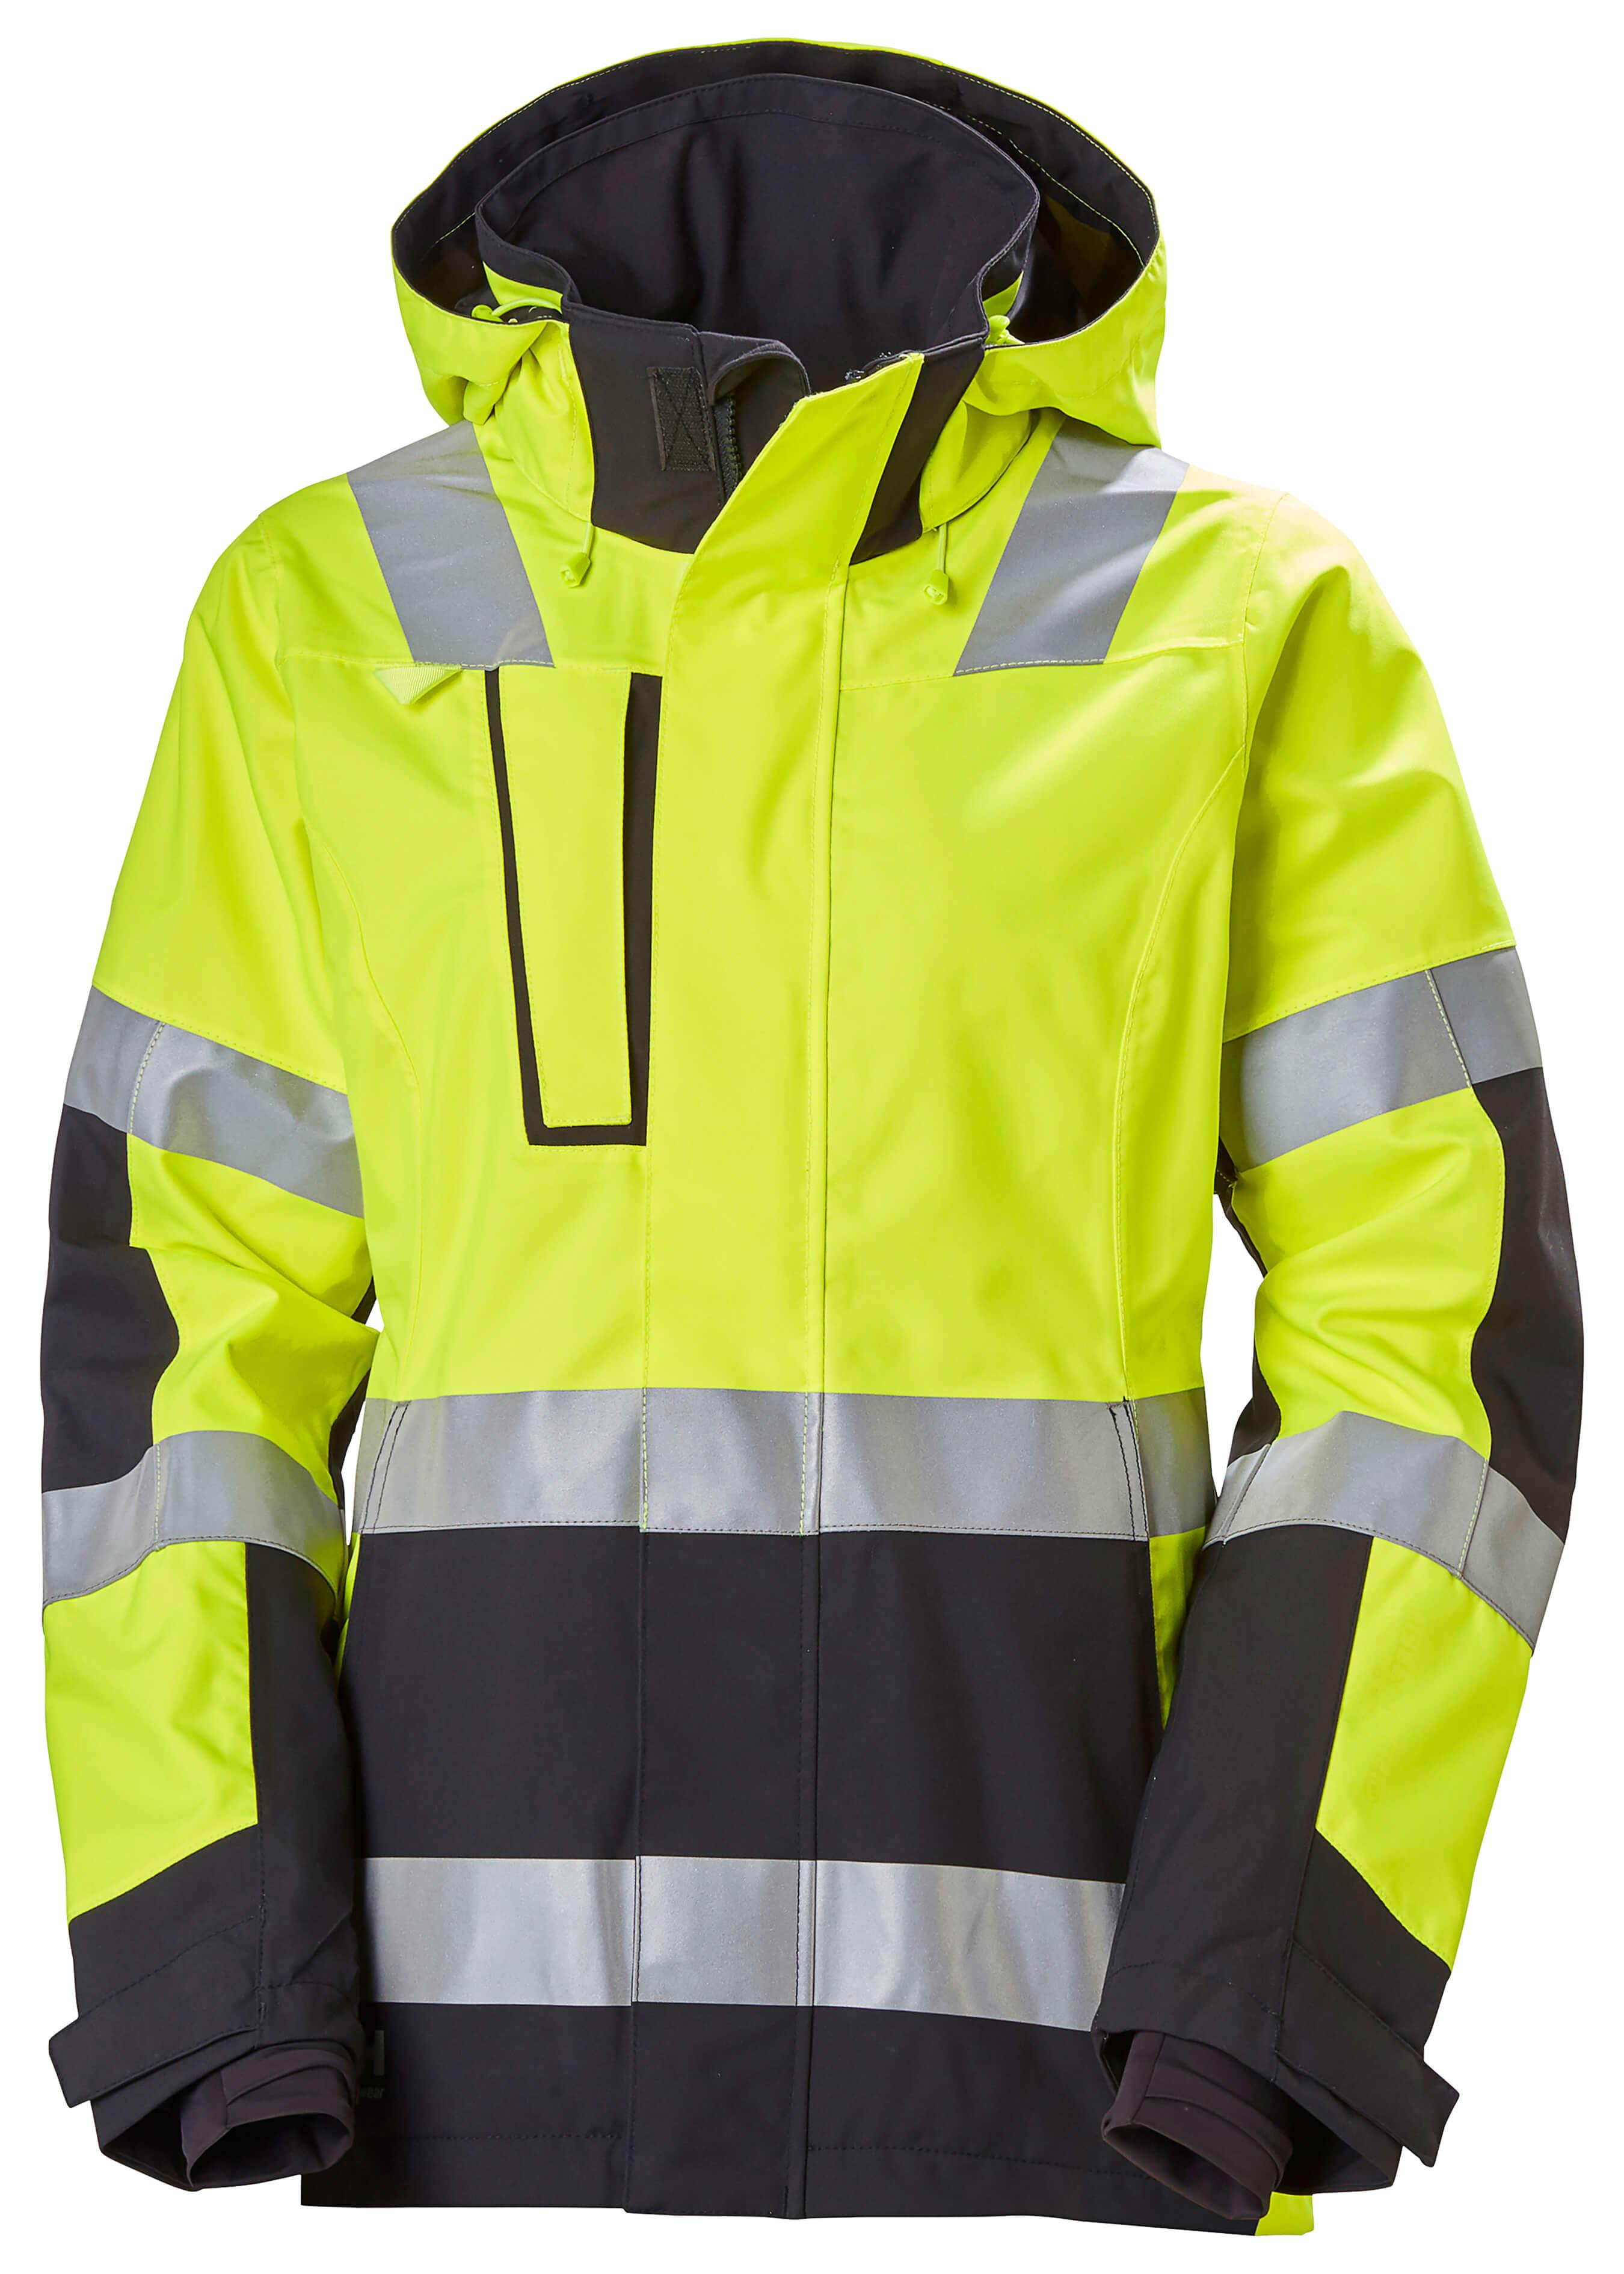 veste de sécurité et protection contre la pluie en stretch dames LUNA 2.0 270353L 1